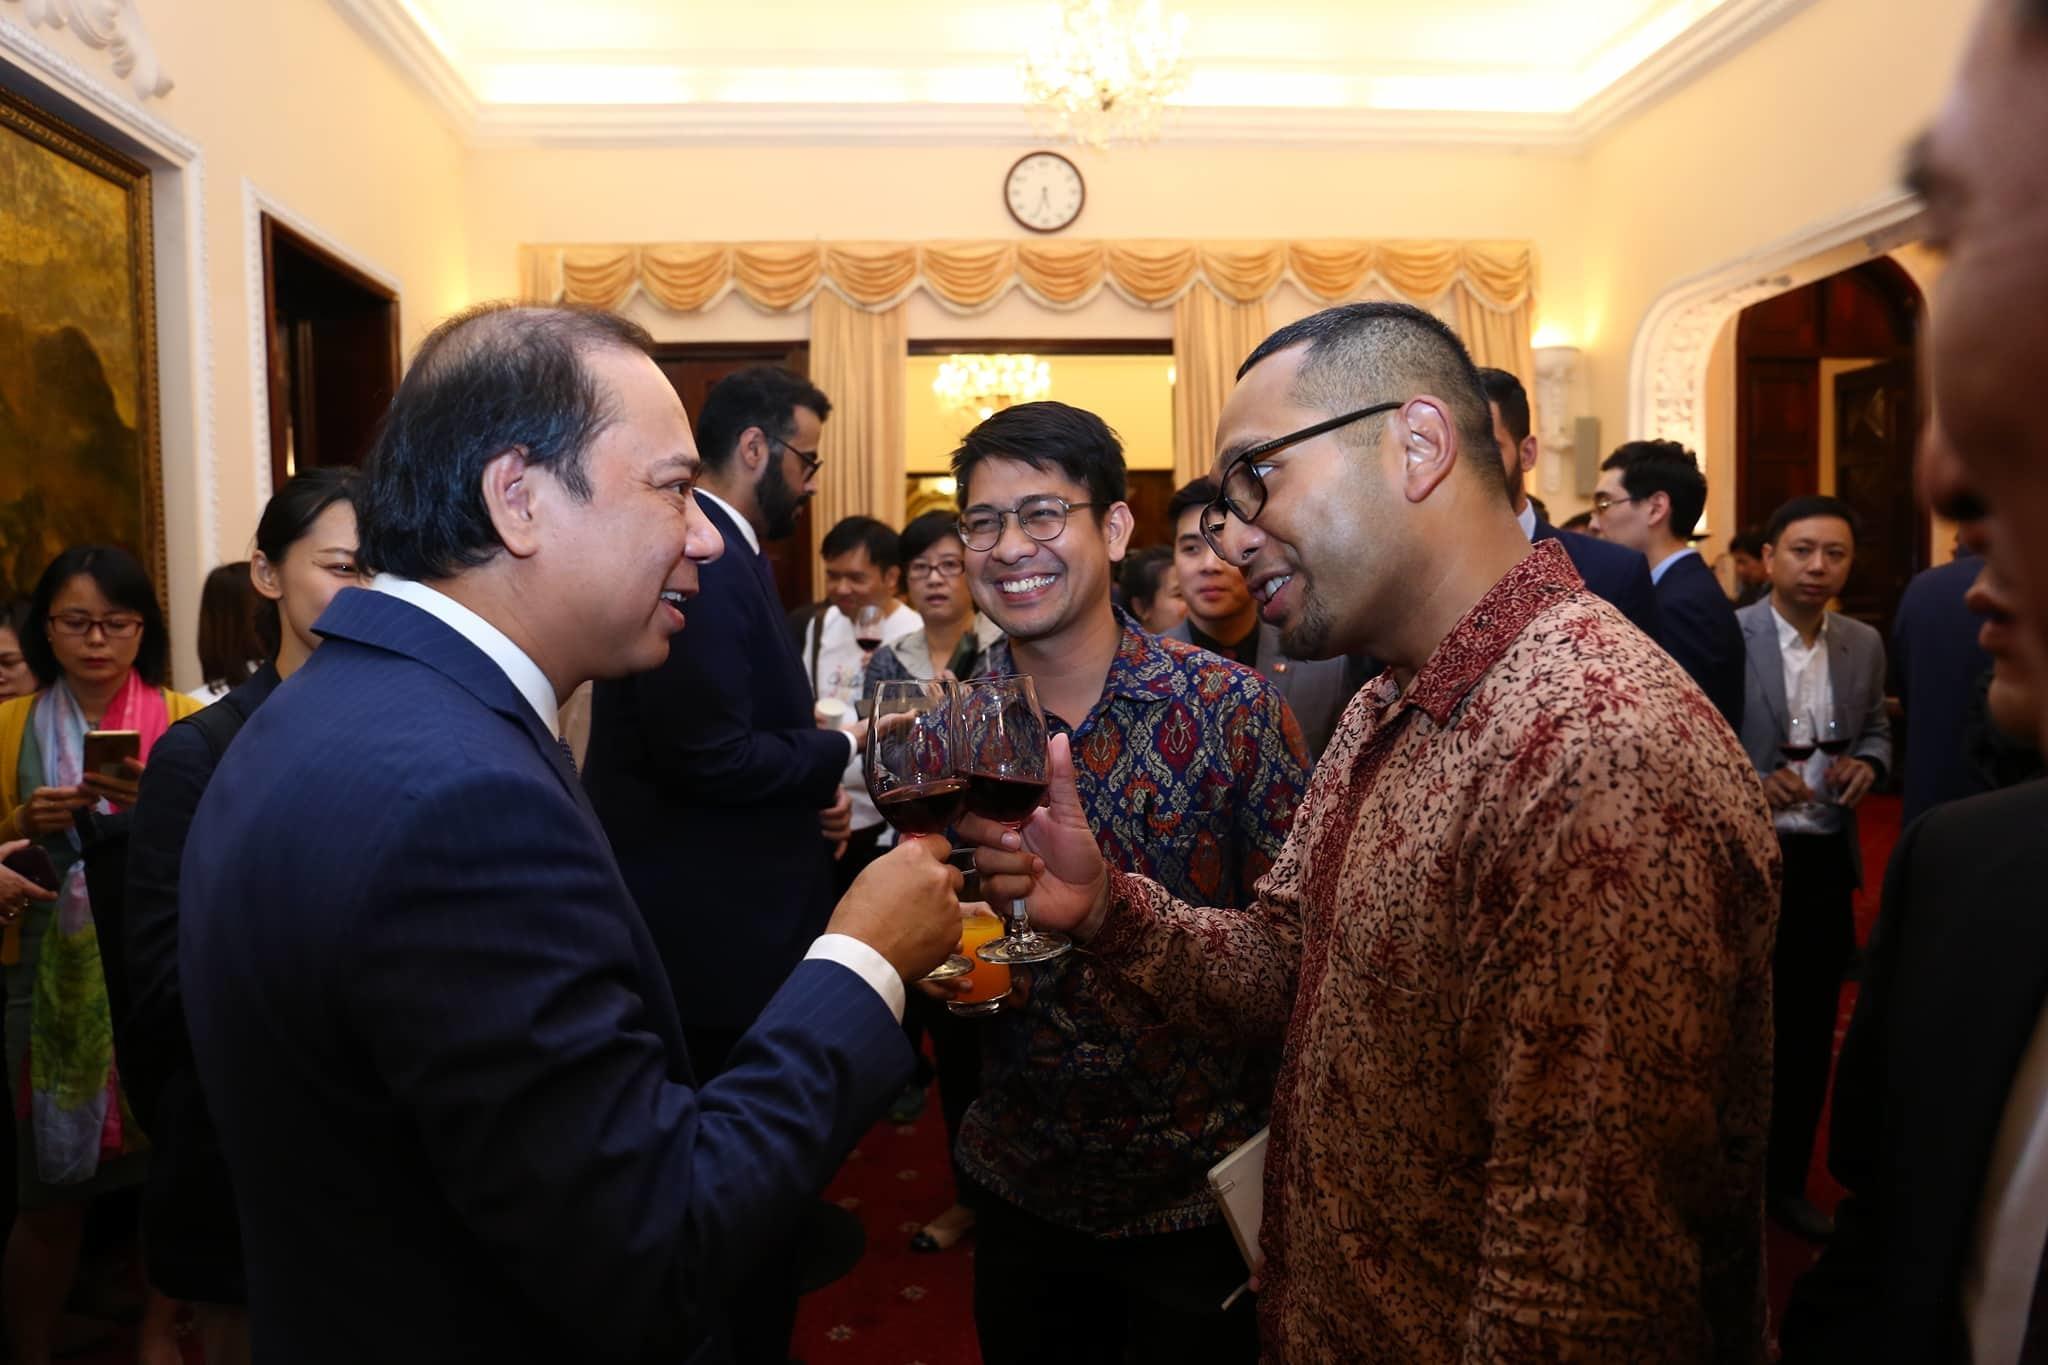 Cuộc gặp gỡ giữa Thứ trưởng Ngoại giao và báo chí nước ngoài